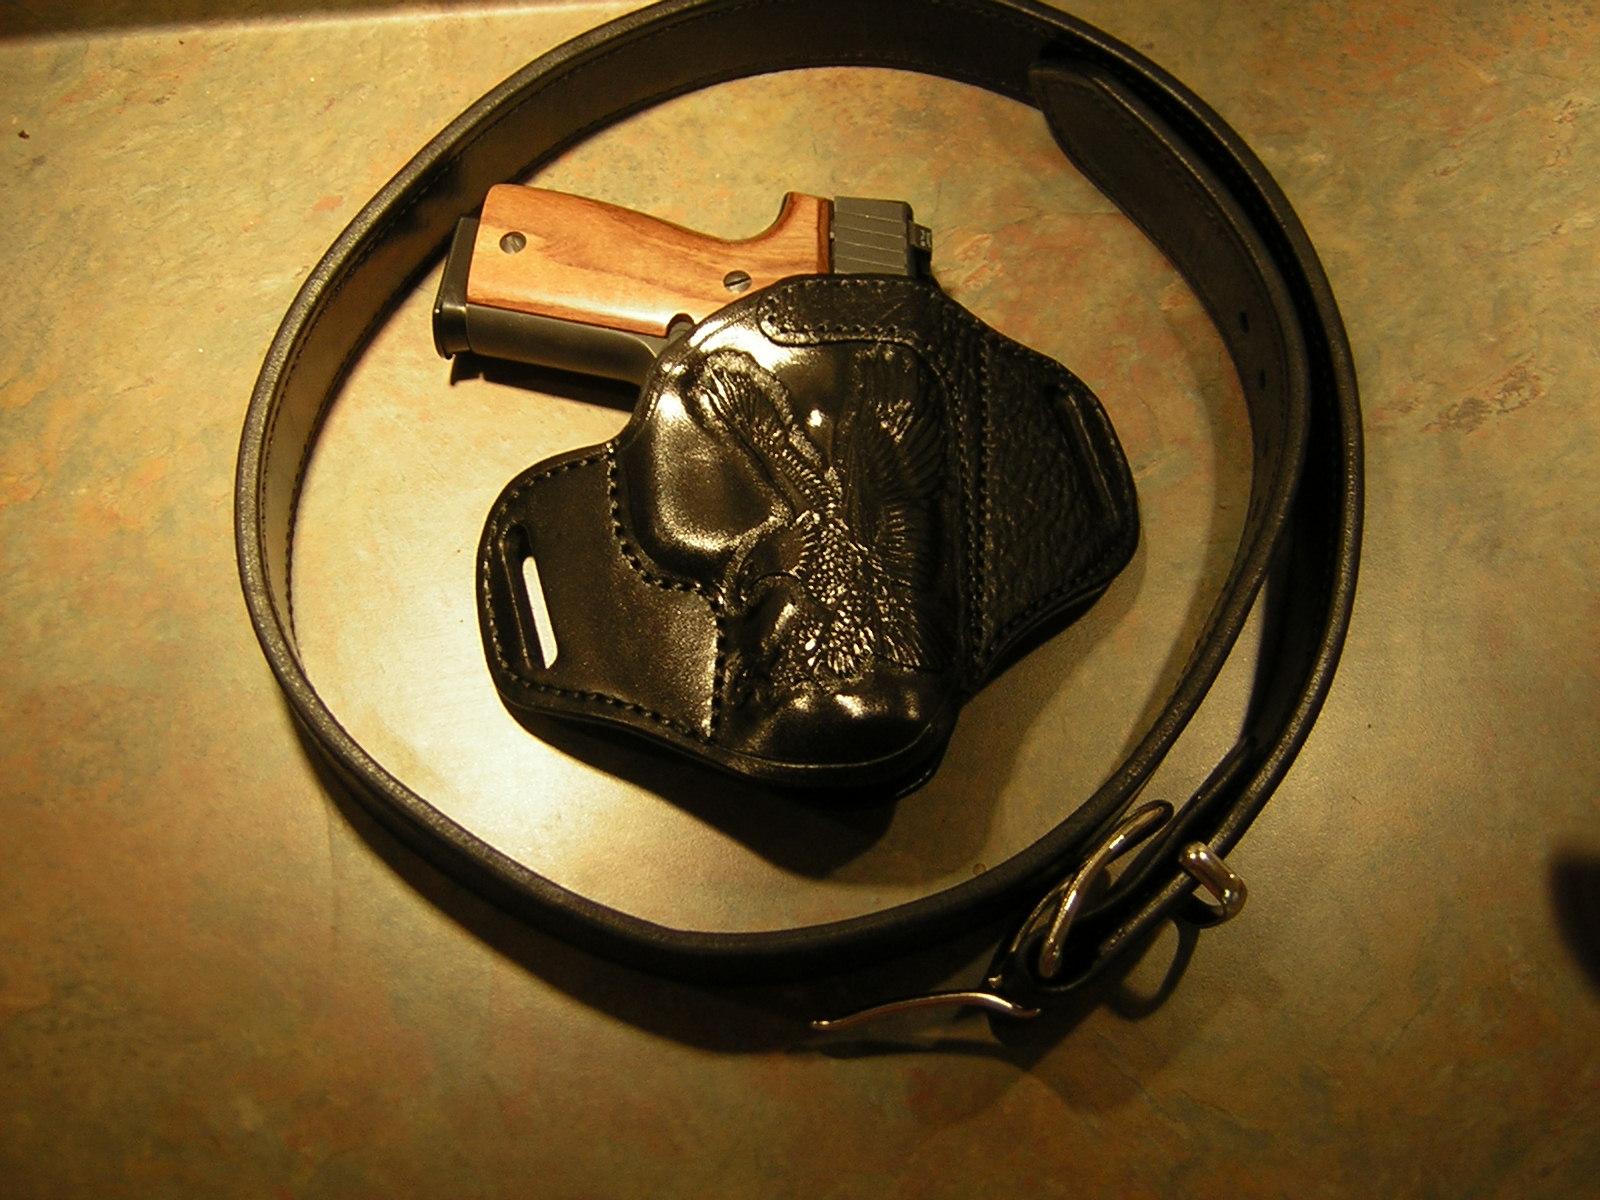 New K&D Holster and belt-dscn0432.jpg